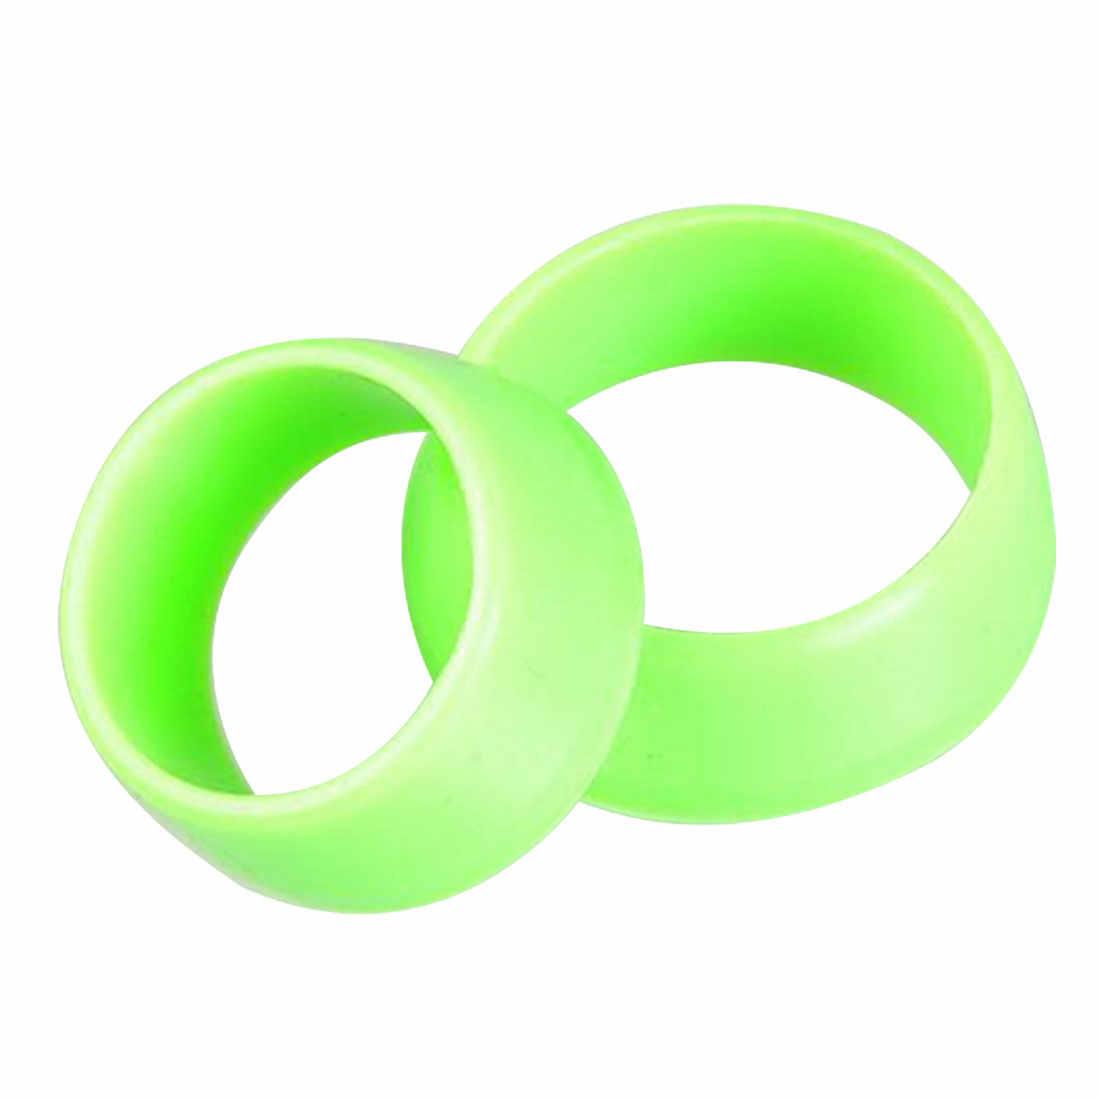 Горячая продажа сиденье для горных велосипедов резиновое кольцо Пыльник для велосипеда Силиконовое водонепроницаемое Велосипедное Подседельный штырь защитный чехол кольцо